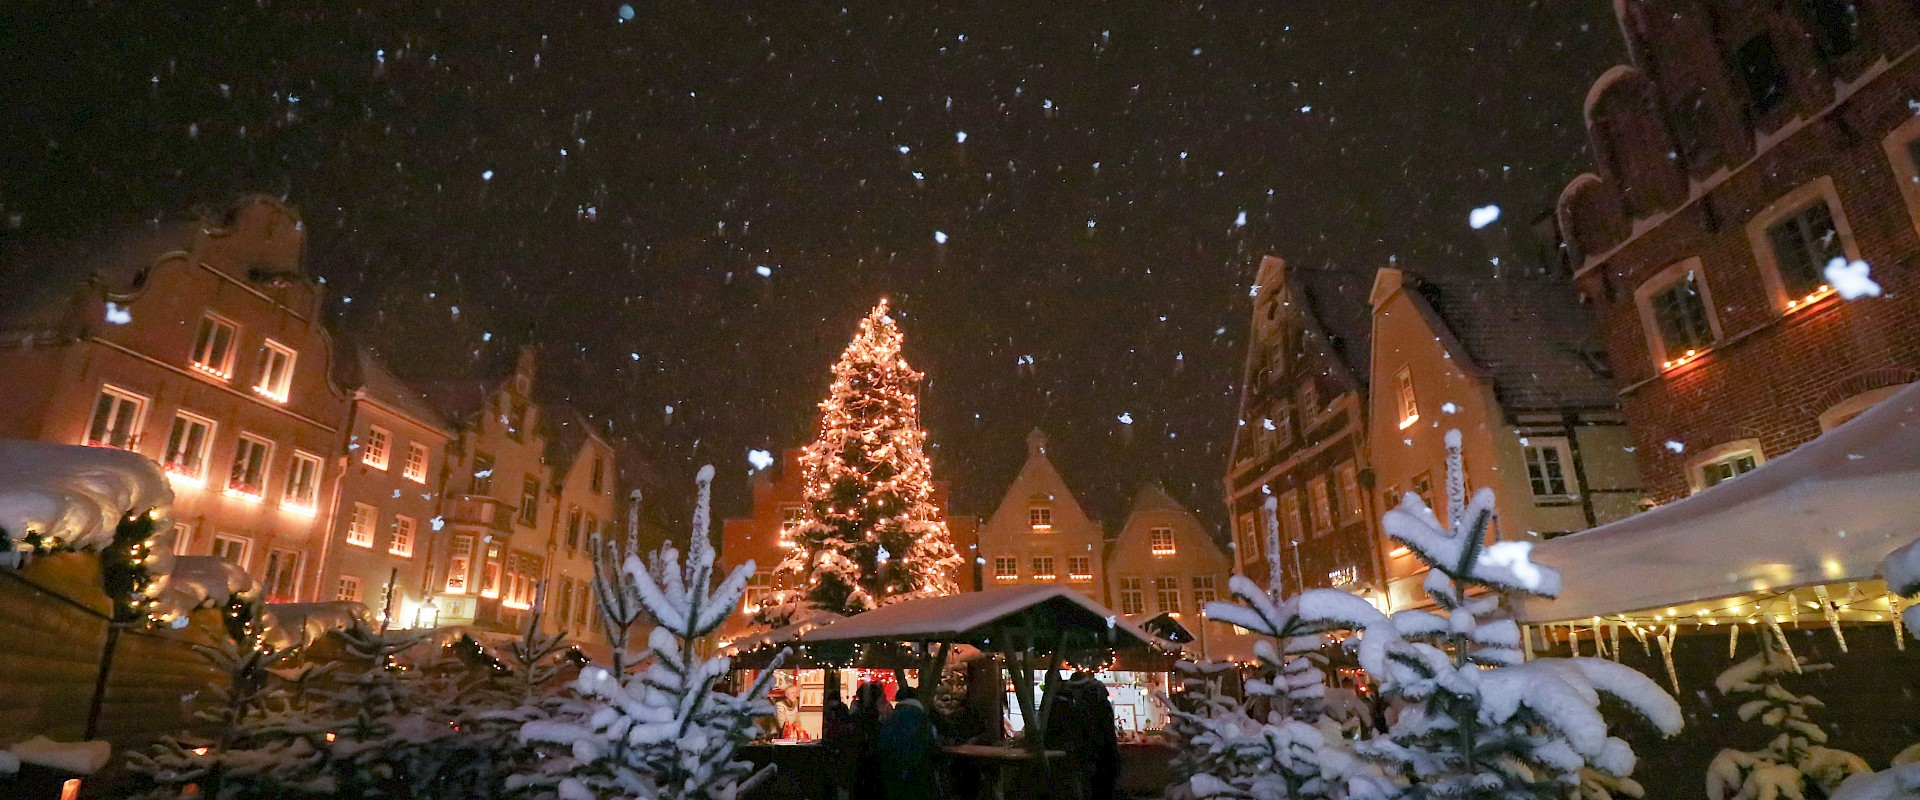 Warendorfer Weihnachtswäldchen